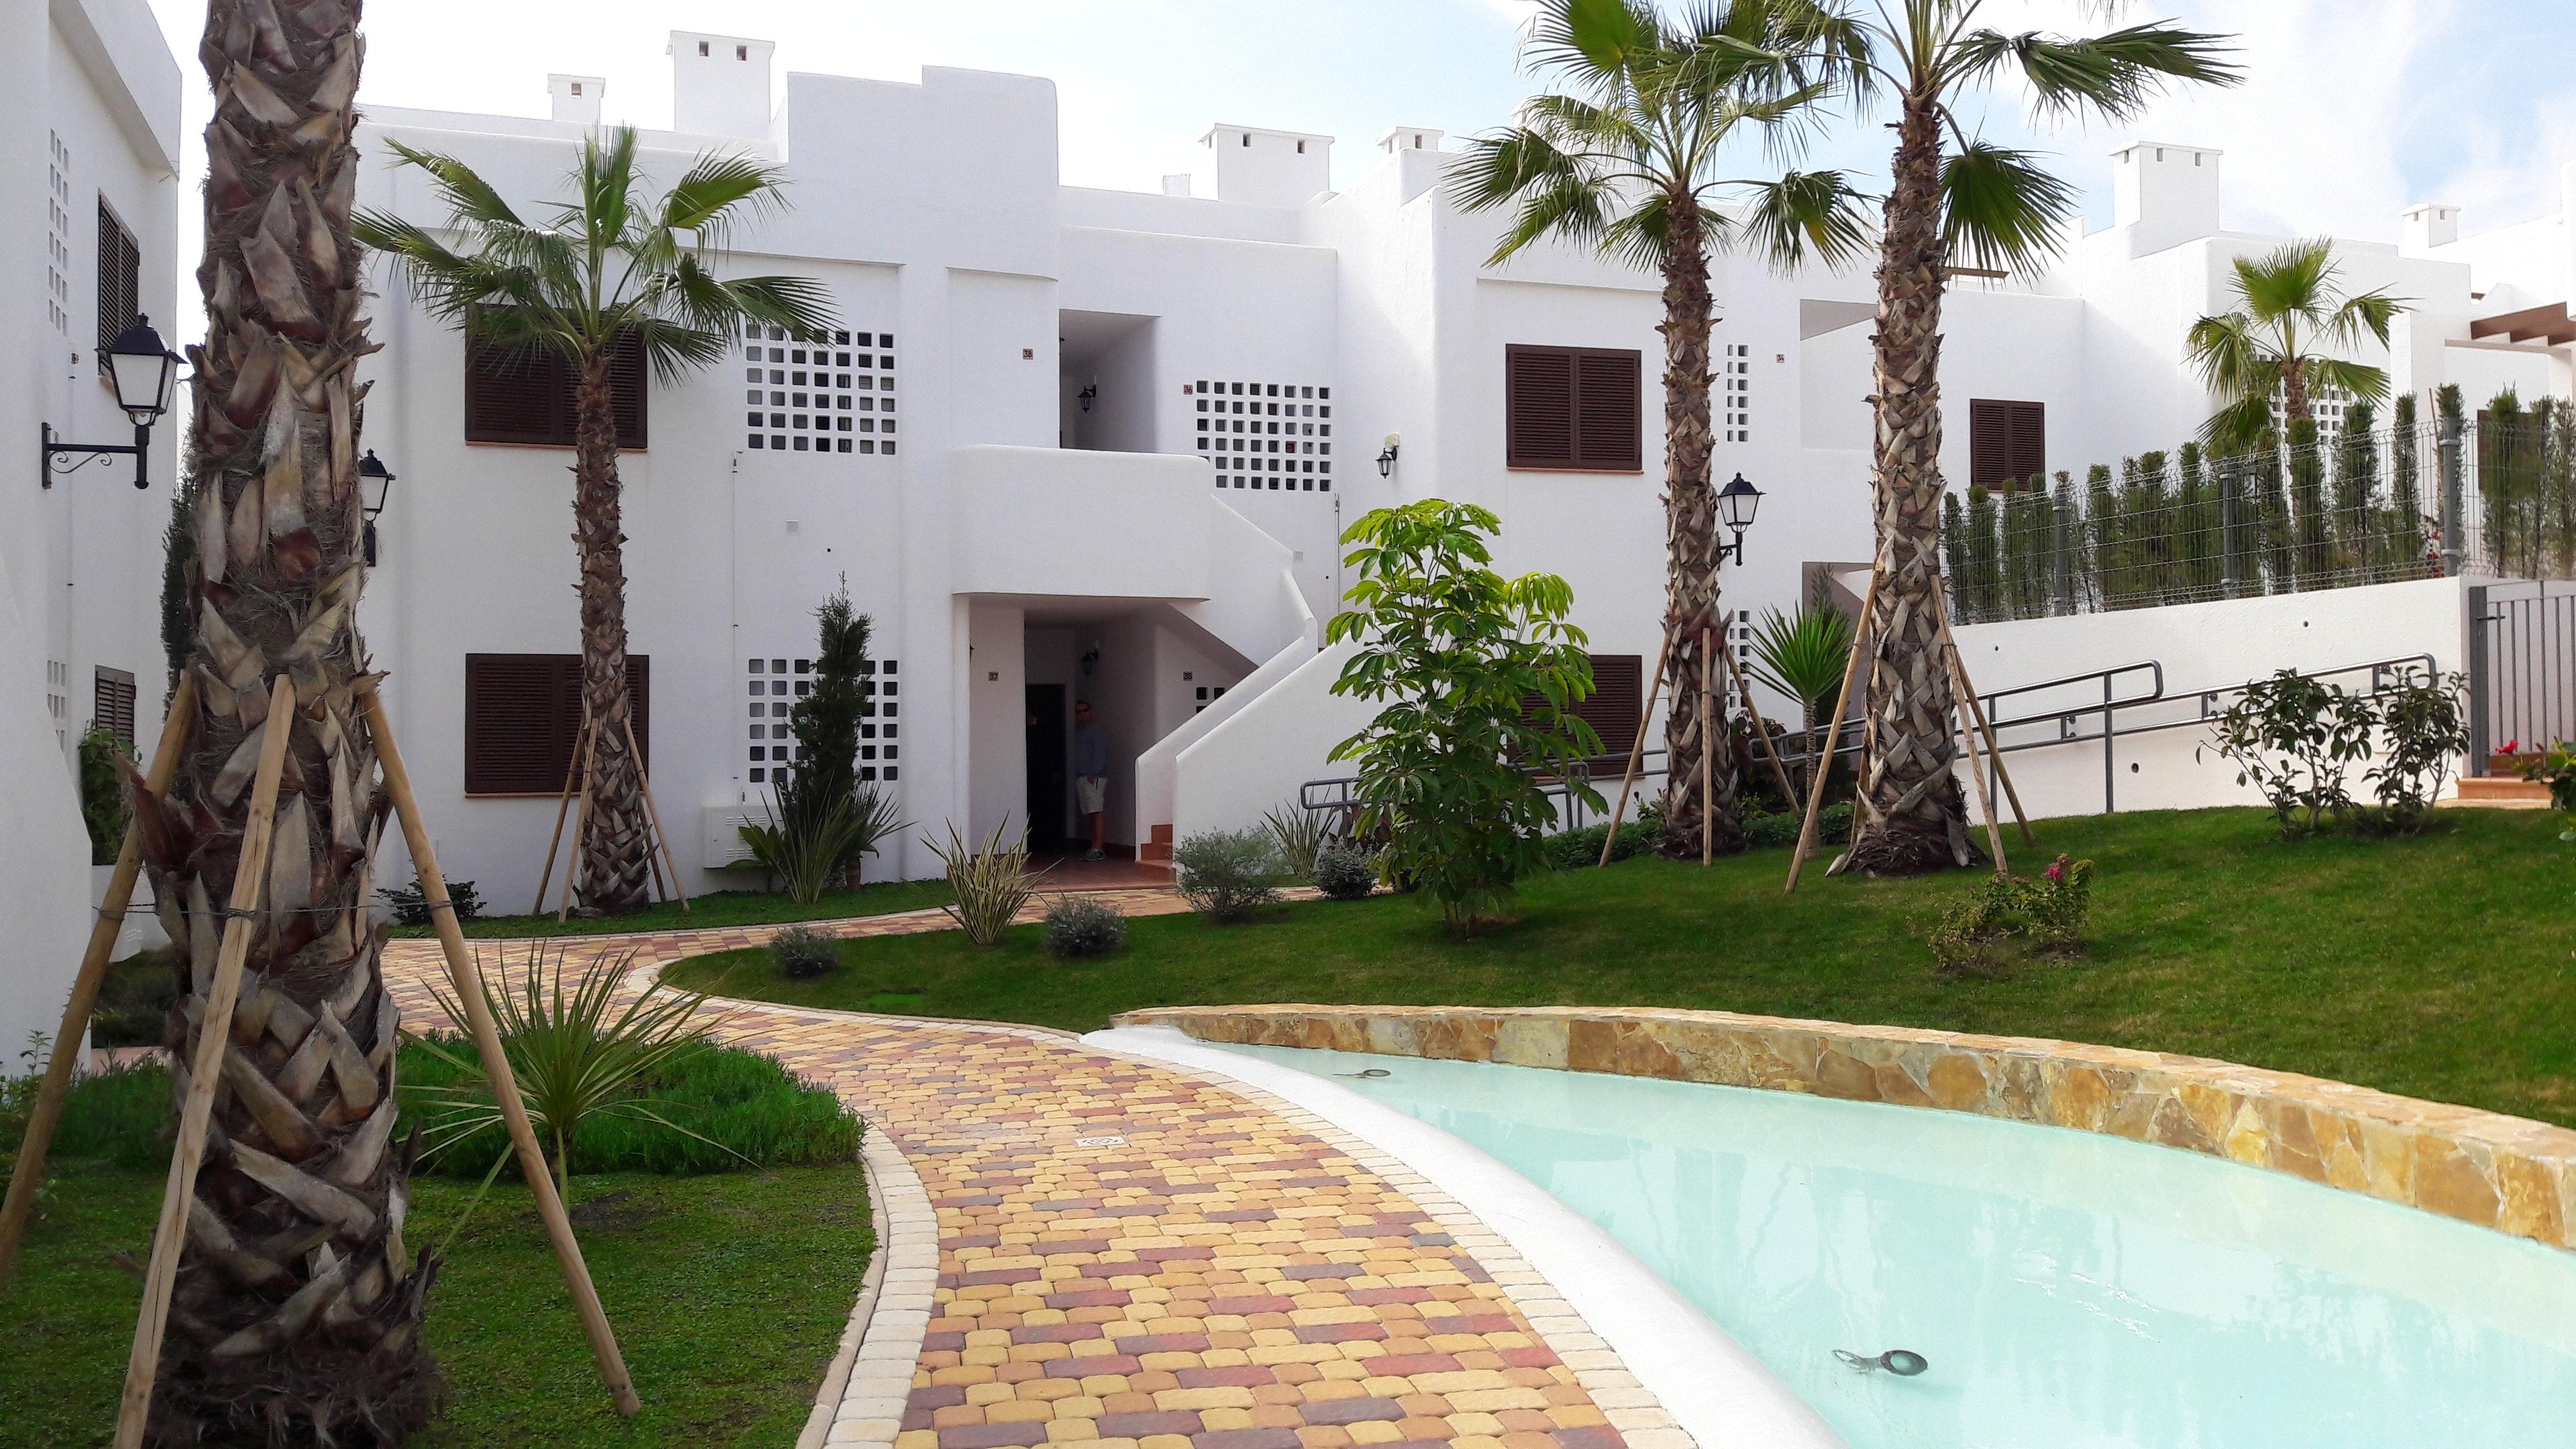 Ferienwohnung Wohnung mit 2 Schlafzimmern in San Juan de los Terreros mit herrlichem Meerblick, Pool, ei (2372661), San Juan de los Terreros, Costa de Almeria, Andalusien, Spanien, Bild 18